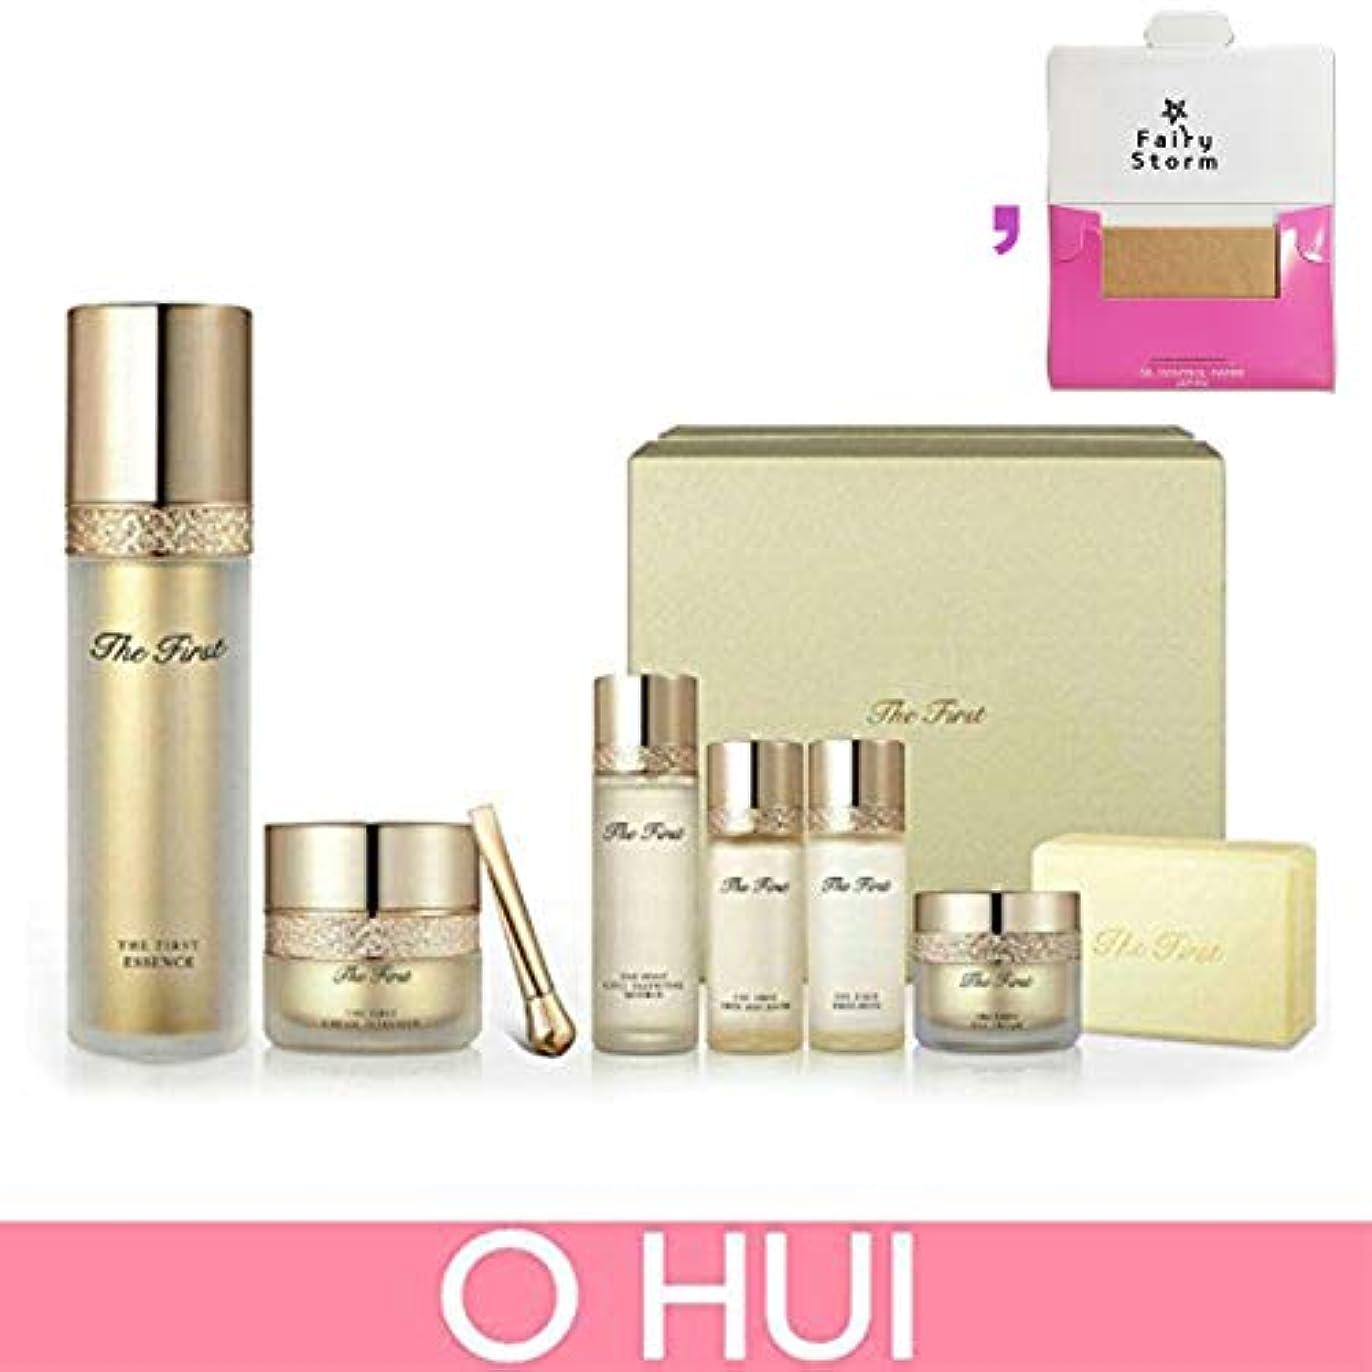 ナチュラル敵他に[オフィ/O HUI]Ohui The First Essence Gold Edition Special Set 100ml /OH ザ ファースト エッセンス 100ml + [Sample Gift](海外直送品)